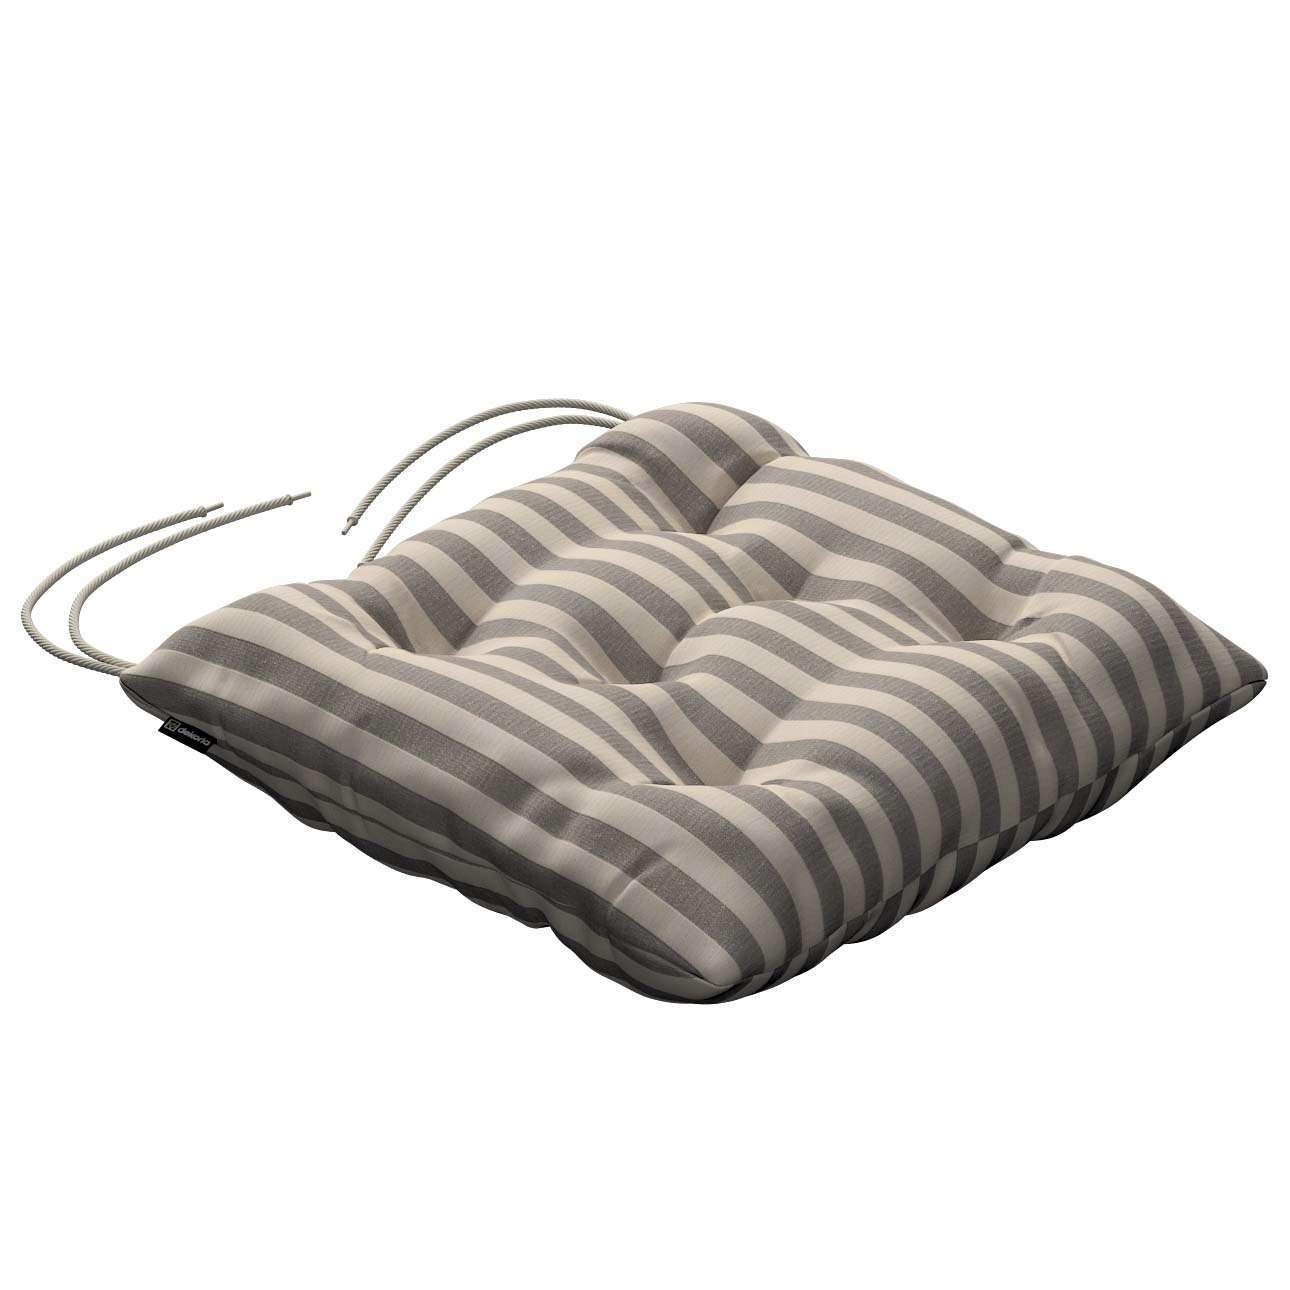 Siedzisko Jacek na krzesło 38x38x8cm w kolekcji Quadro, tkanina: 136-12